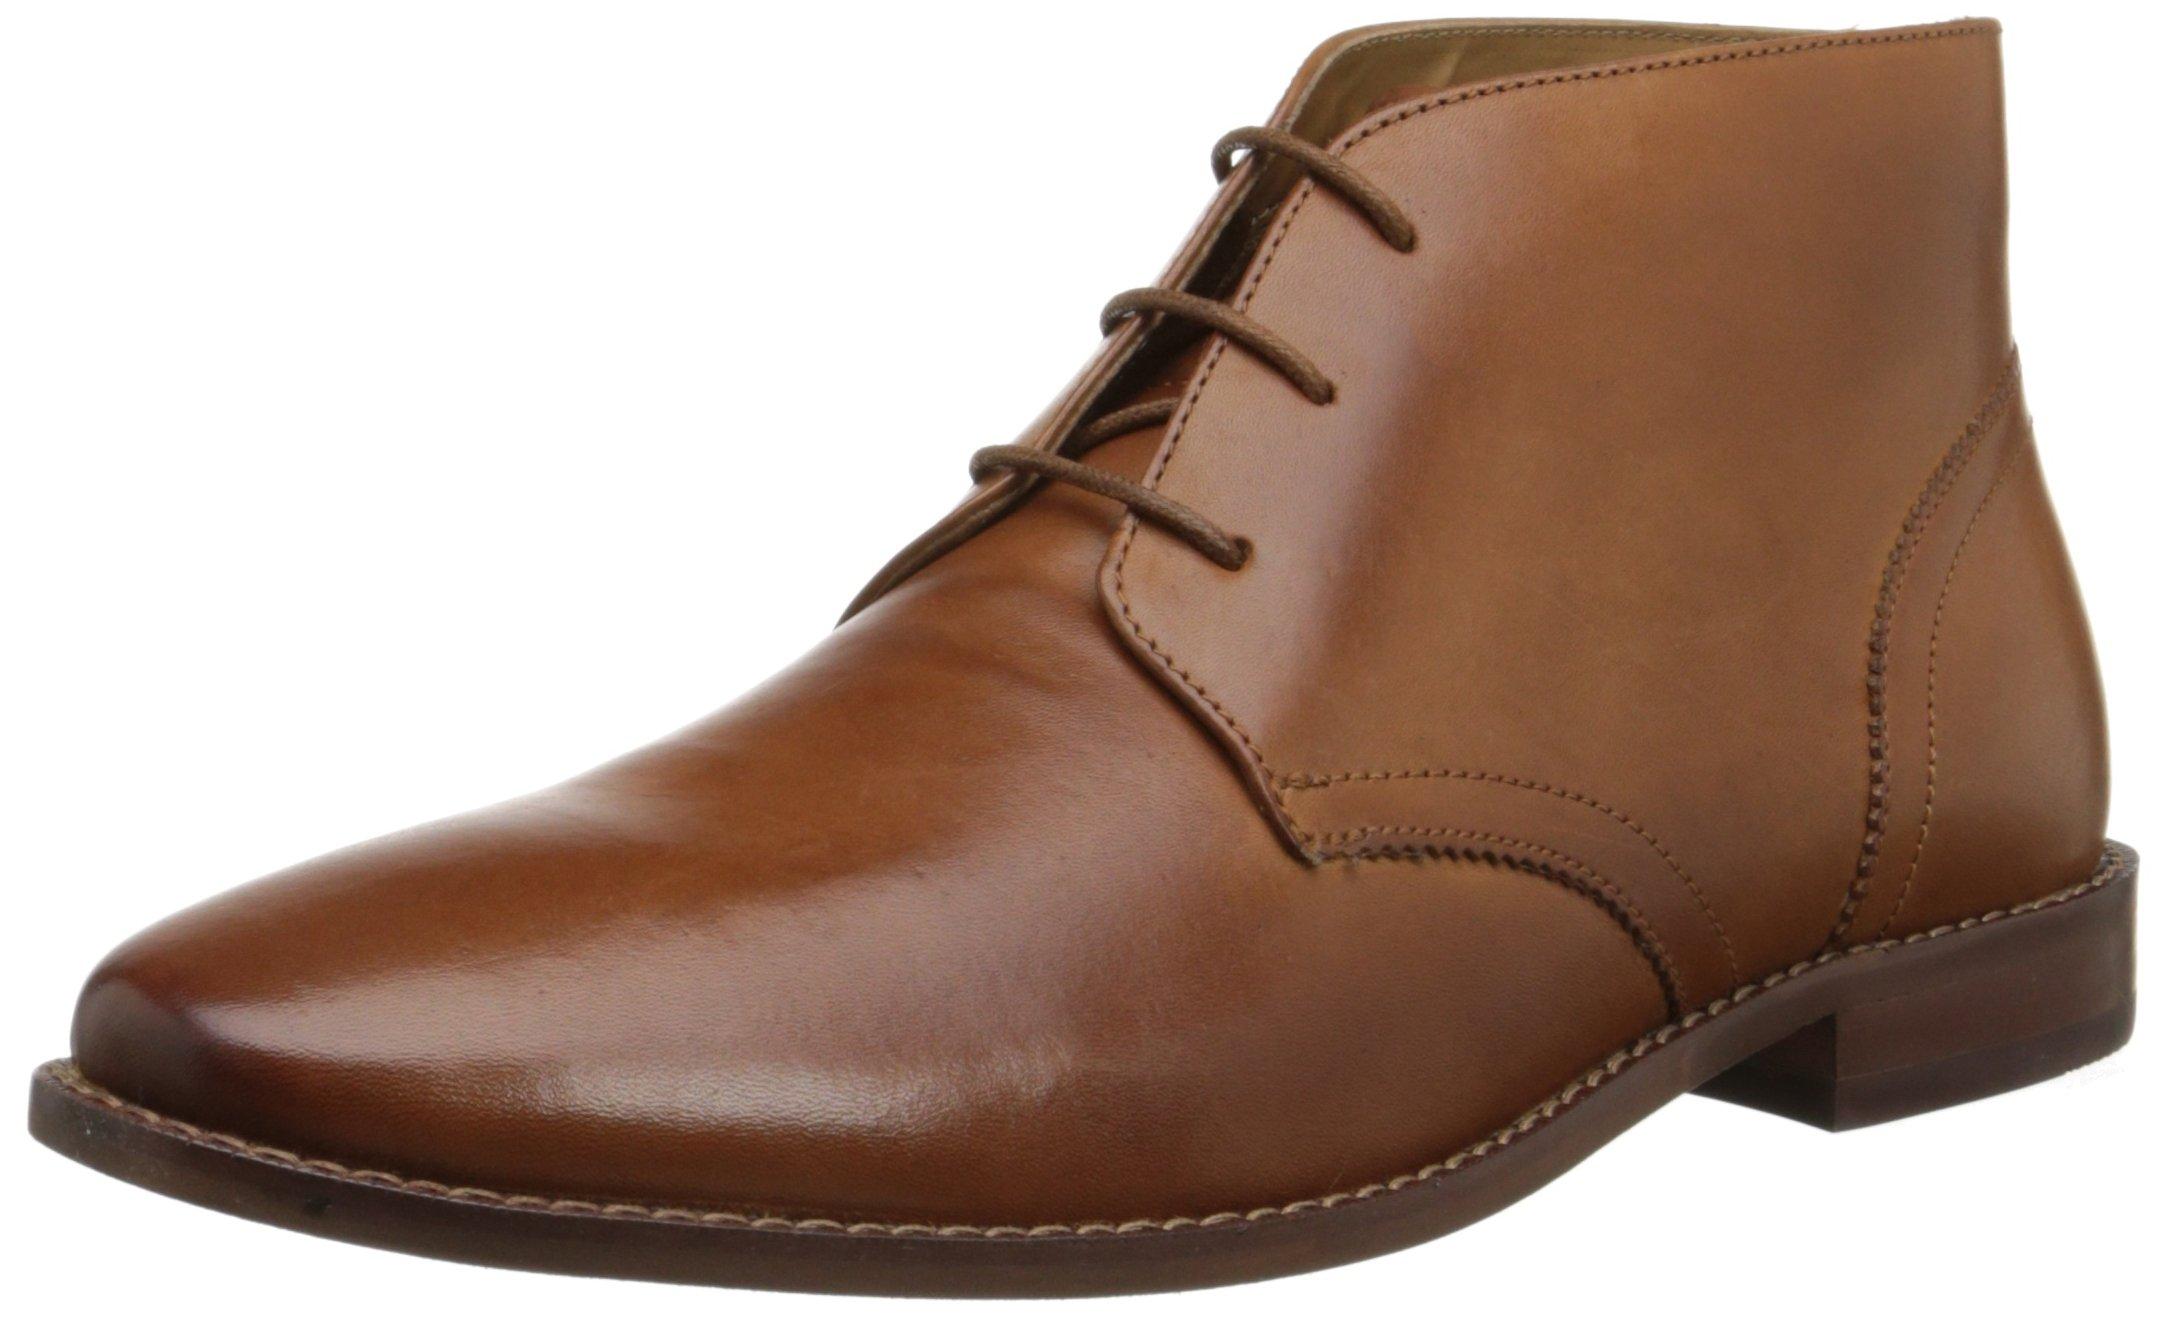 Florsheim Men's Montinaro Plain Toe Dress Casual Chukka Boot, Saddle Tan, 13 D US